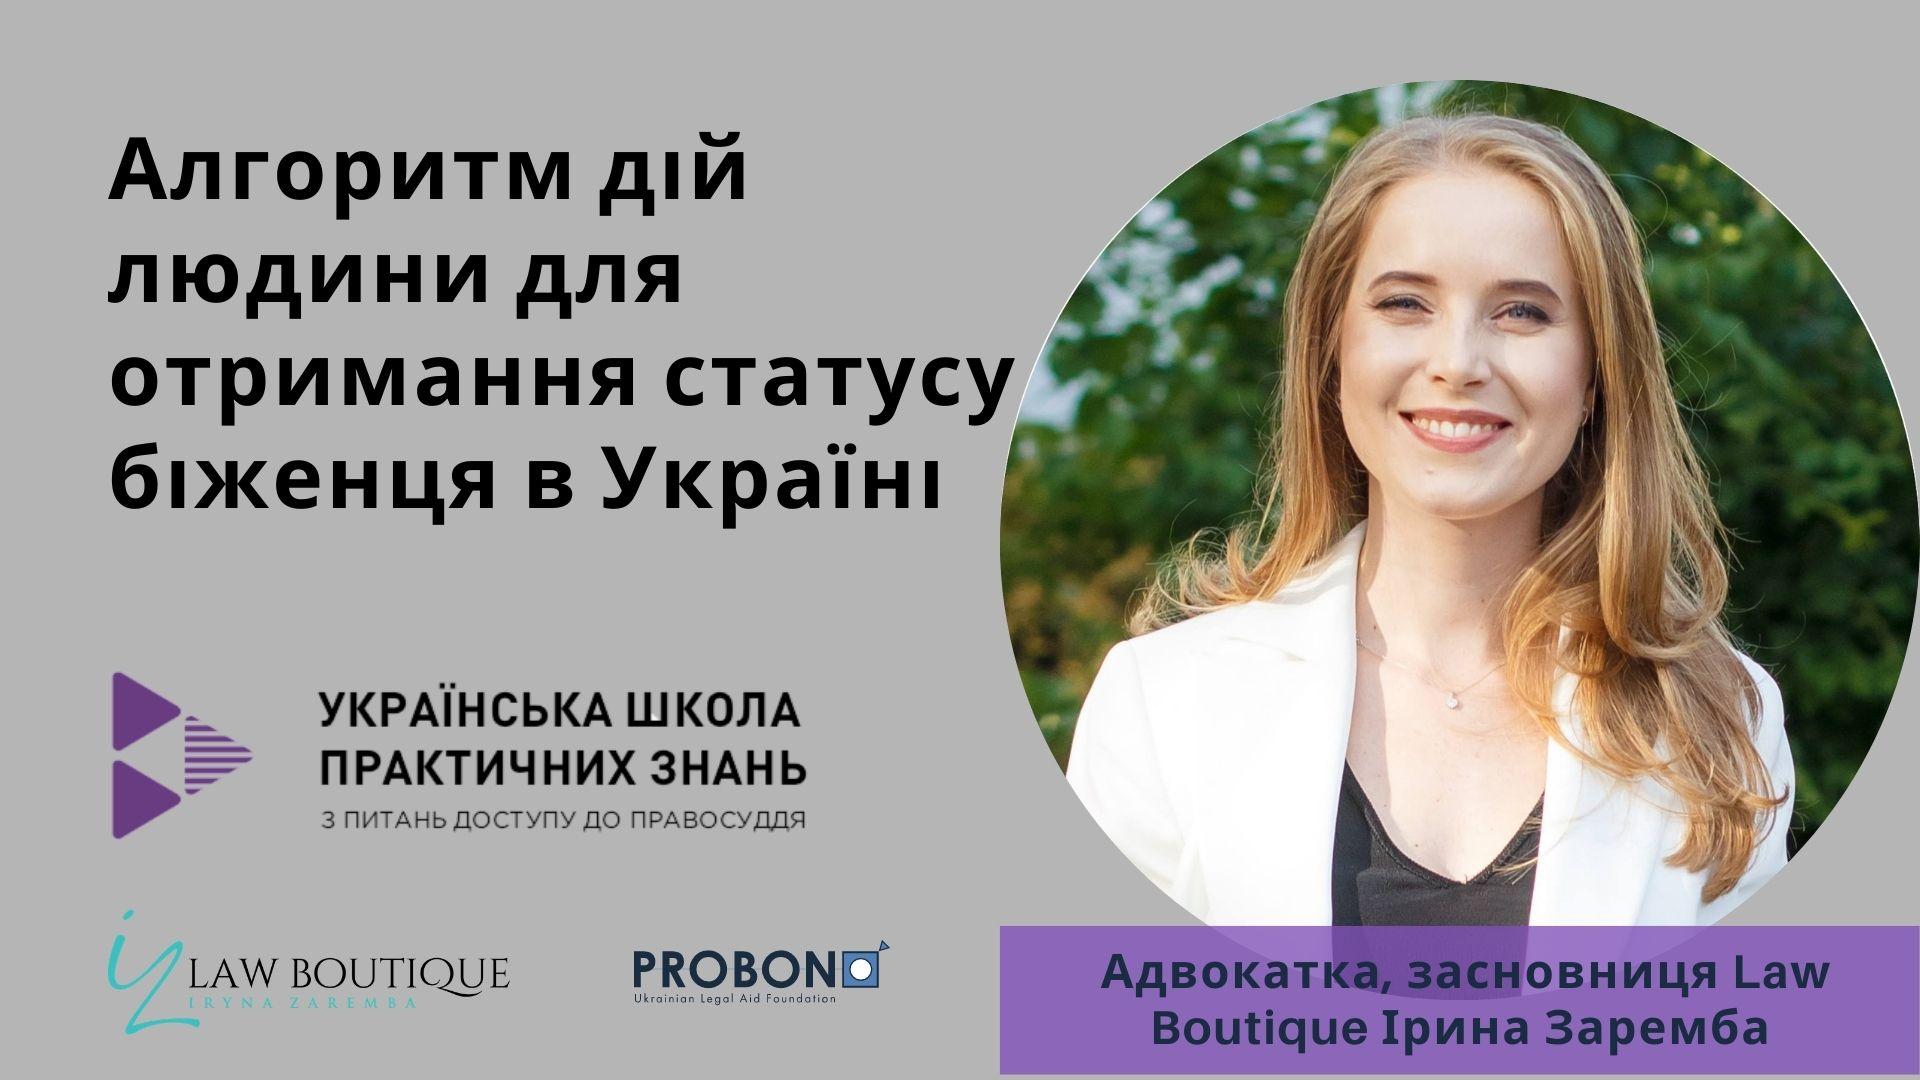 Як допомогти жертвам політичних репресій отримати статус біженця в Україні – алгоритм дій від партнерів Pro Bono Lab